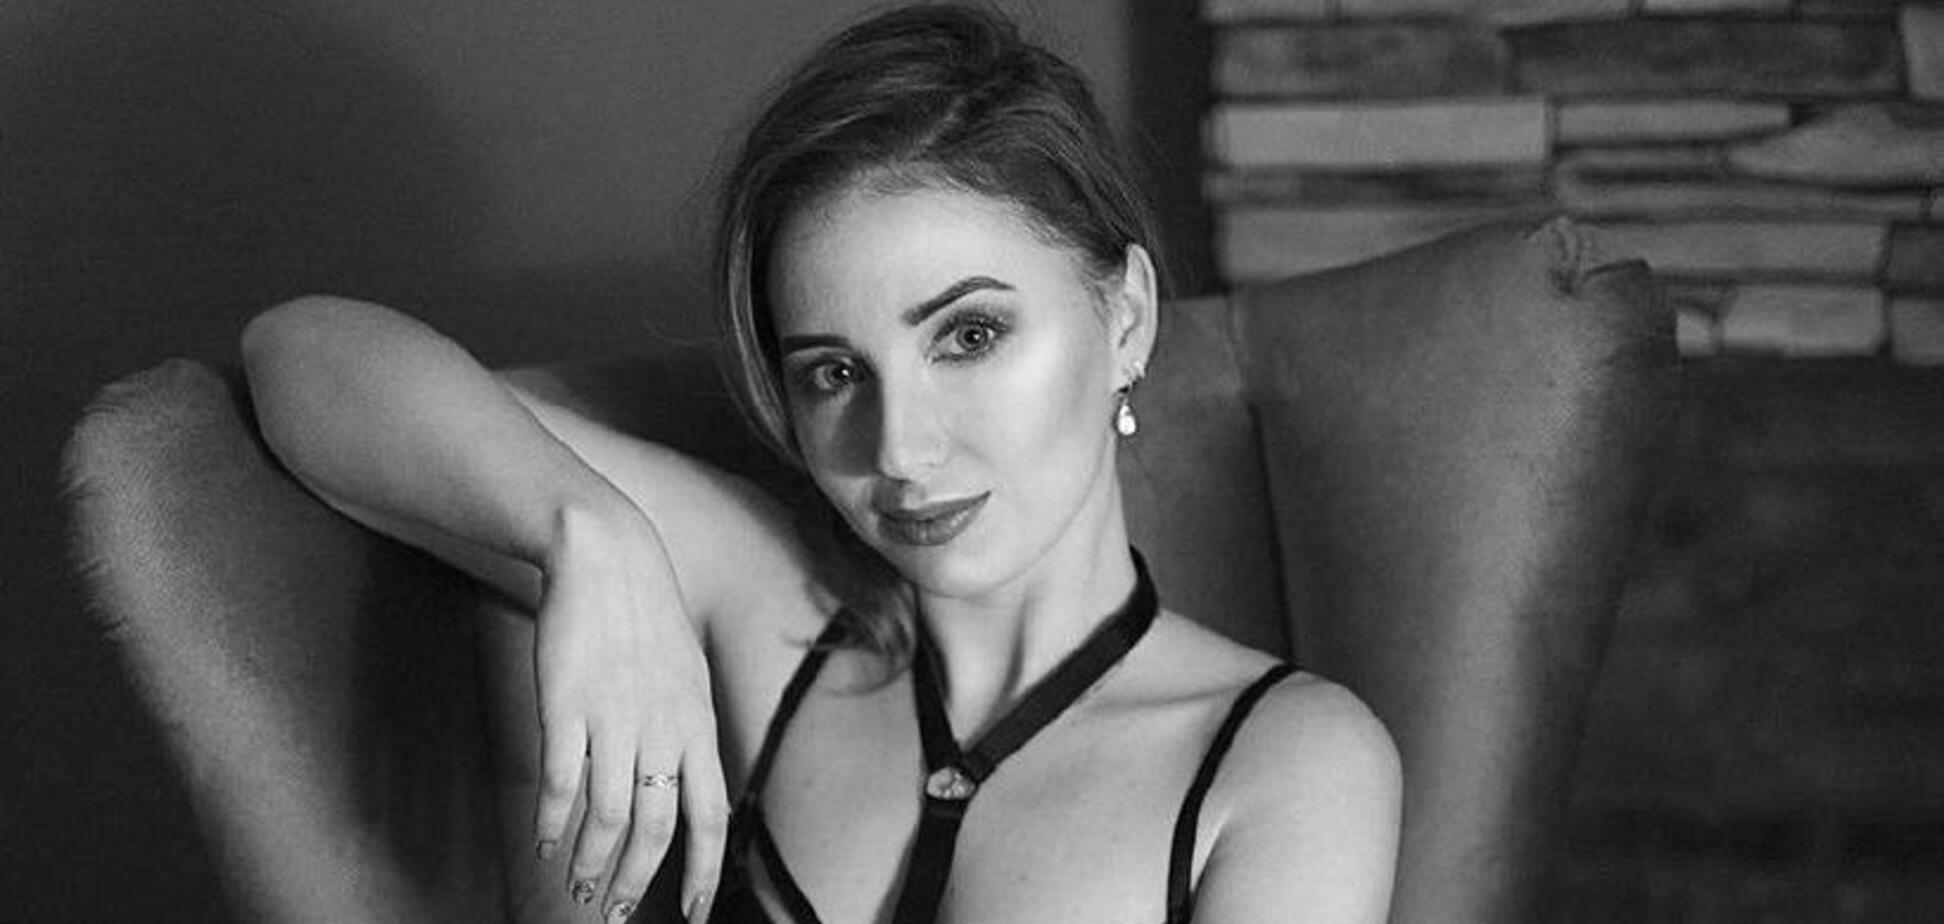 Лікаря-педіатра з Росії зацькували в мережі за гарячу фотосесію у білизні